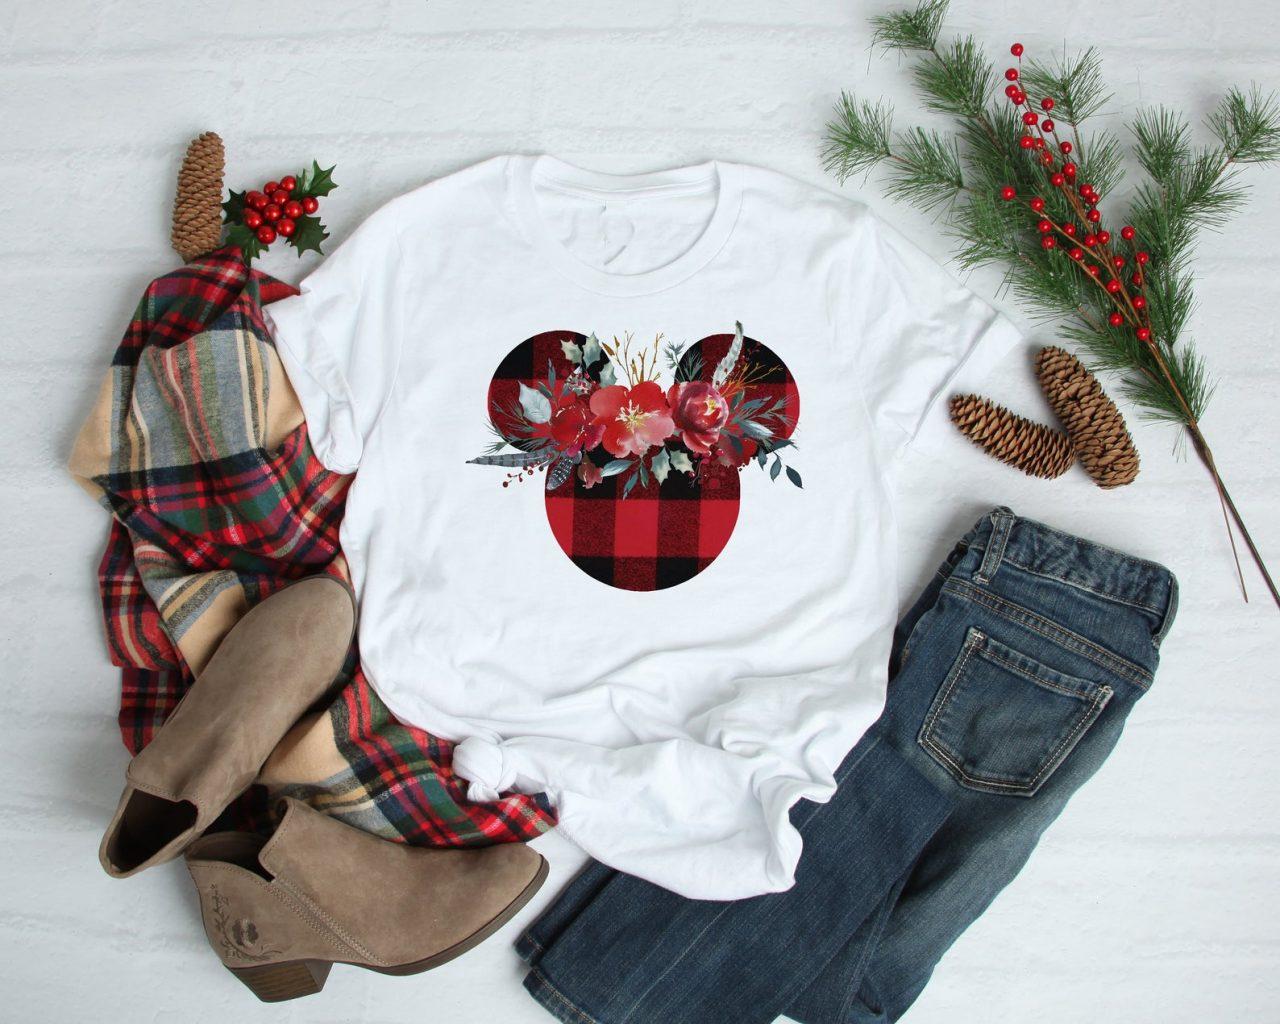 Plaid Mickey Ear Christmas Shirt for women